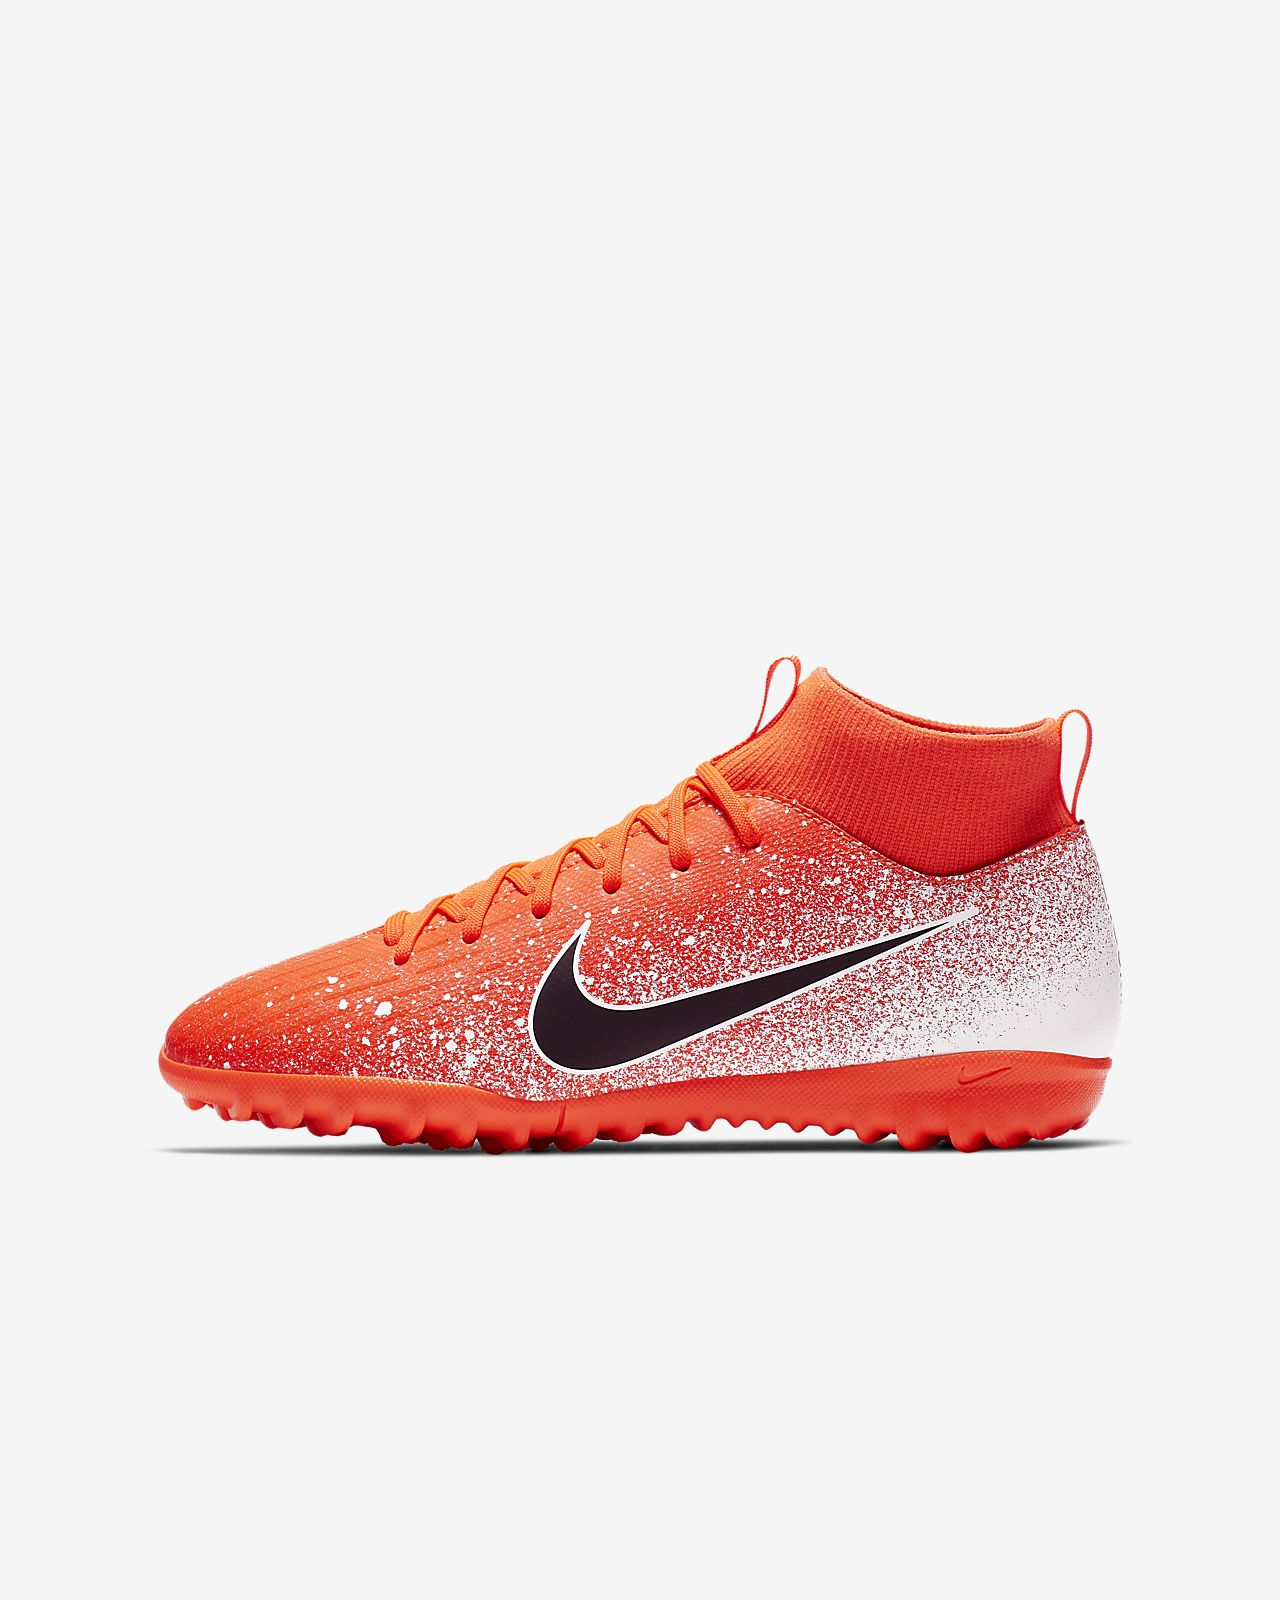 รองเท้าสตั๊ดฟุตบอลเด็กเล็ก/เด็กโตสำหรับพื้นหญ้าเทียม Nike Jr. SuperflyX 6 Academy TF